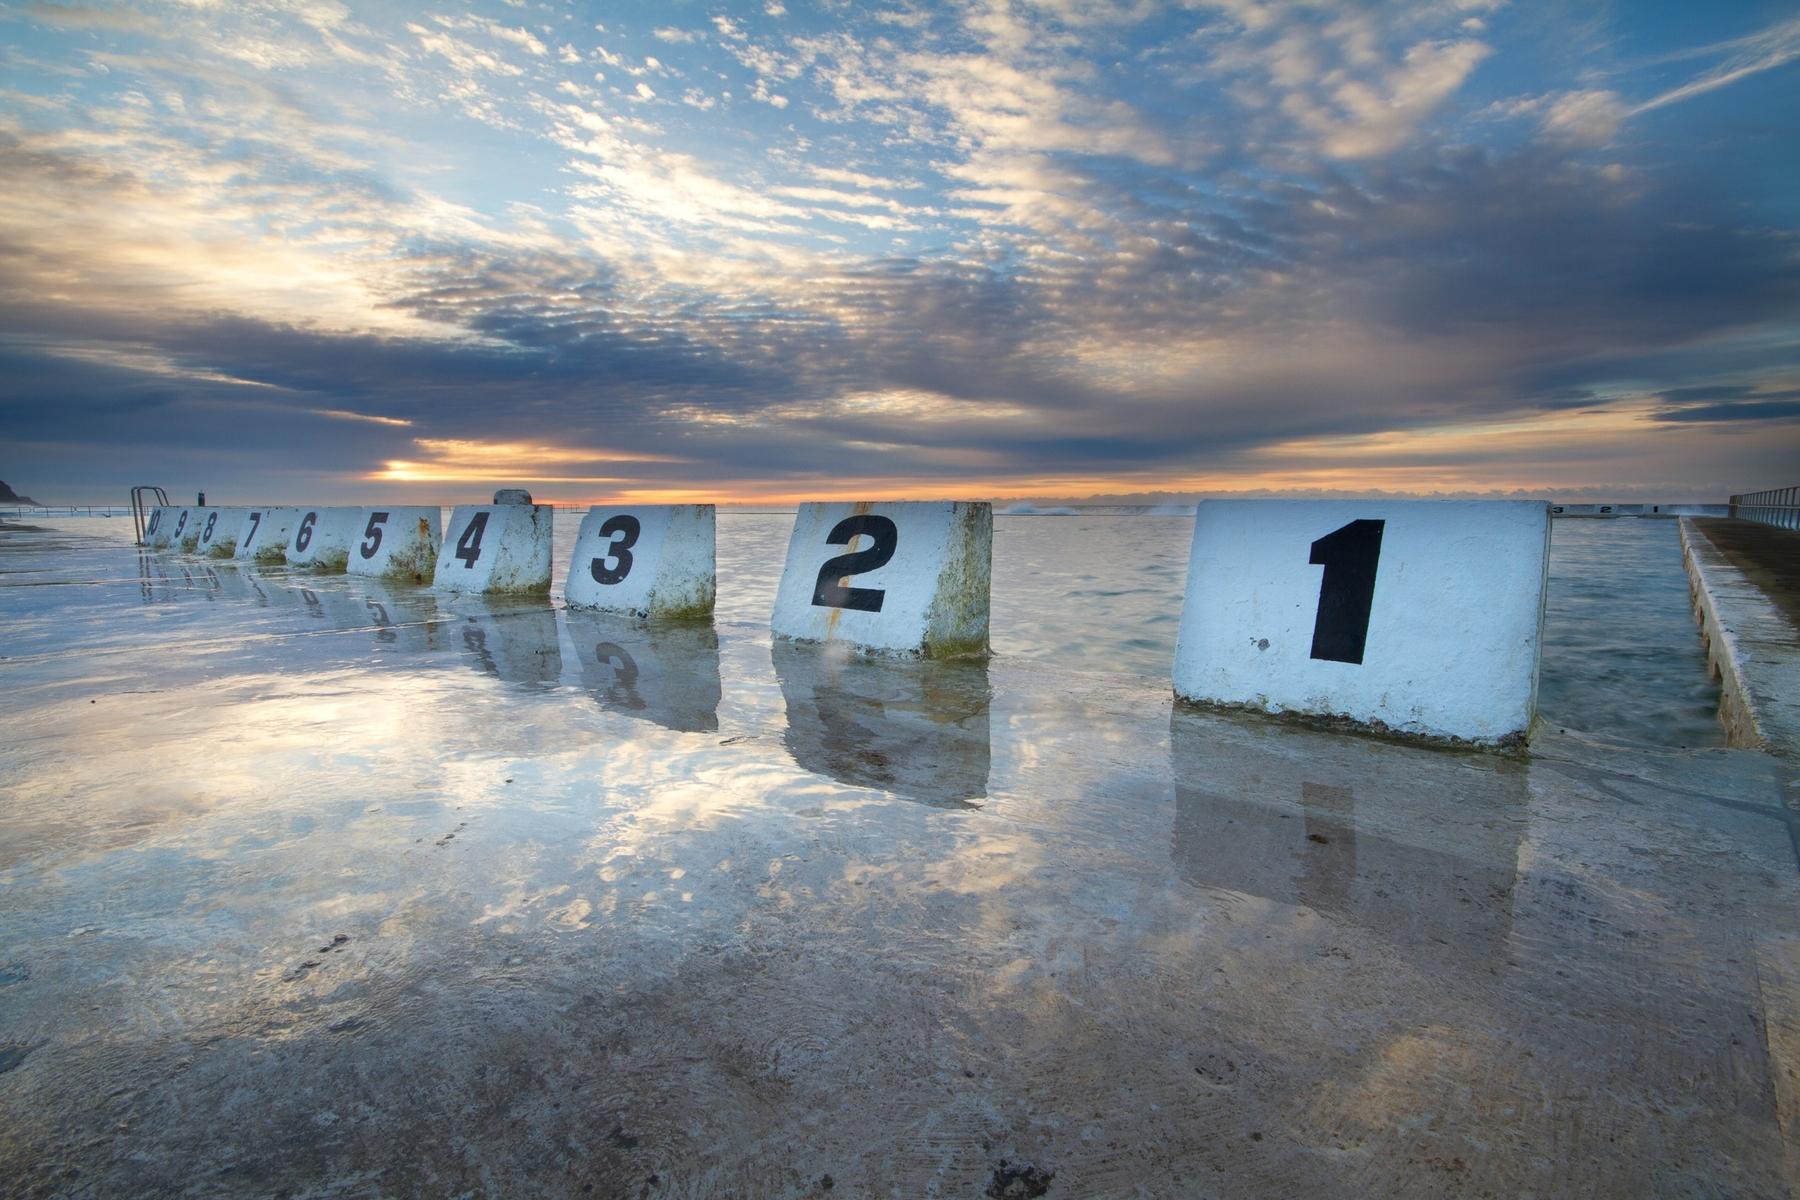 Mereweather Ocean Baths in Newcastle